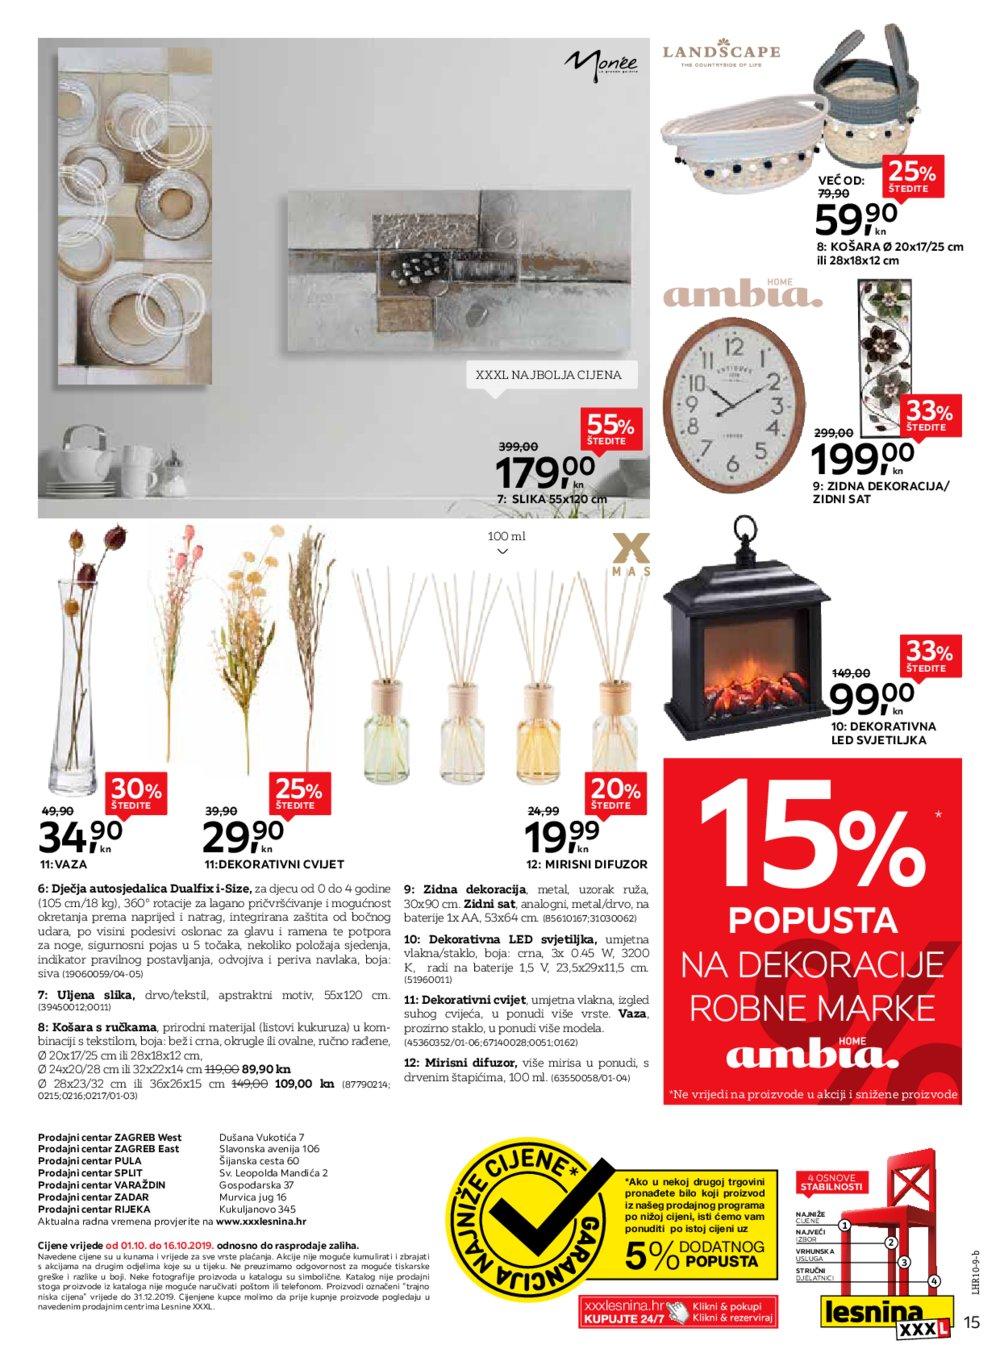 Lesnina katalog Za Vaše delicije Zg Pu St Vž Zd Ri 01.10.-16.10.2019.